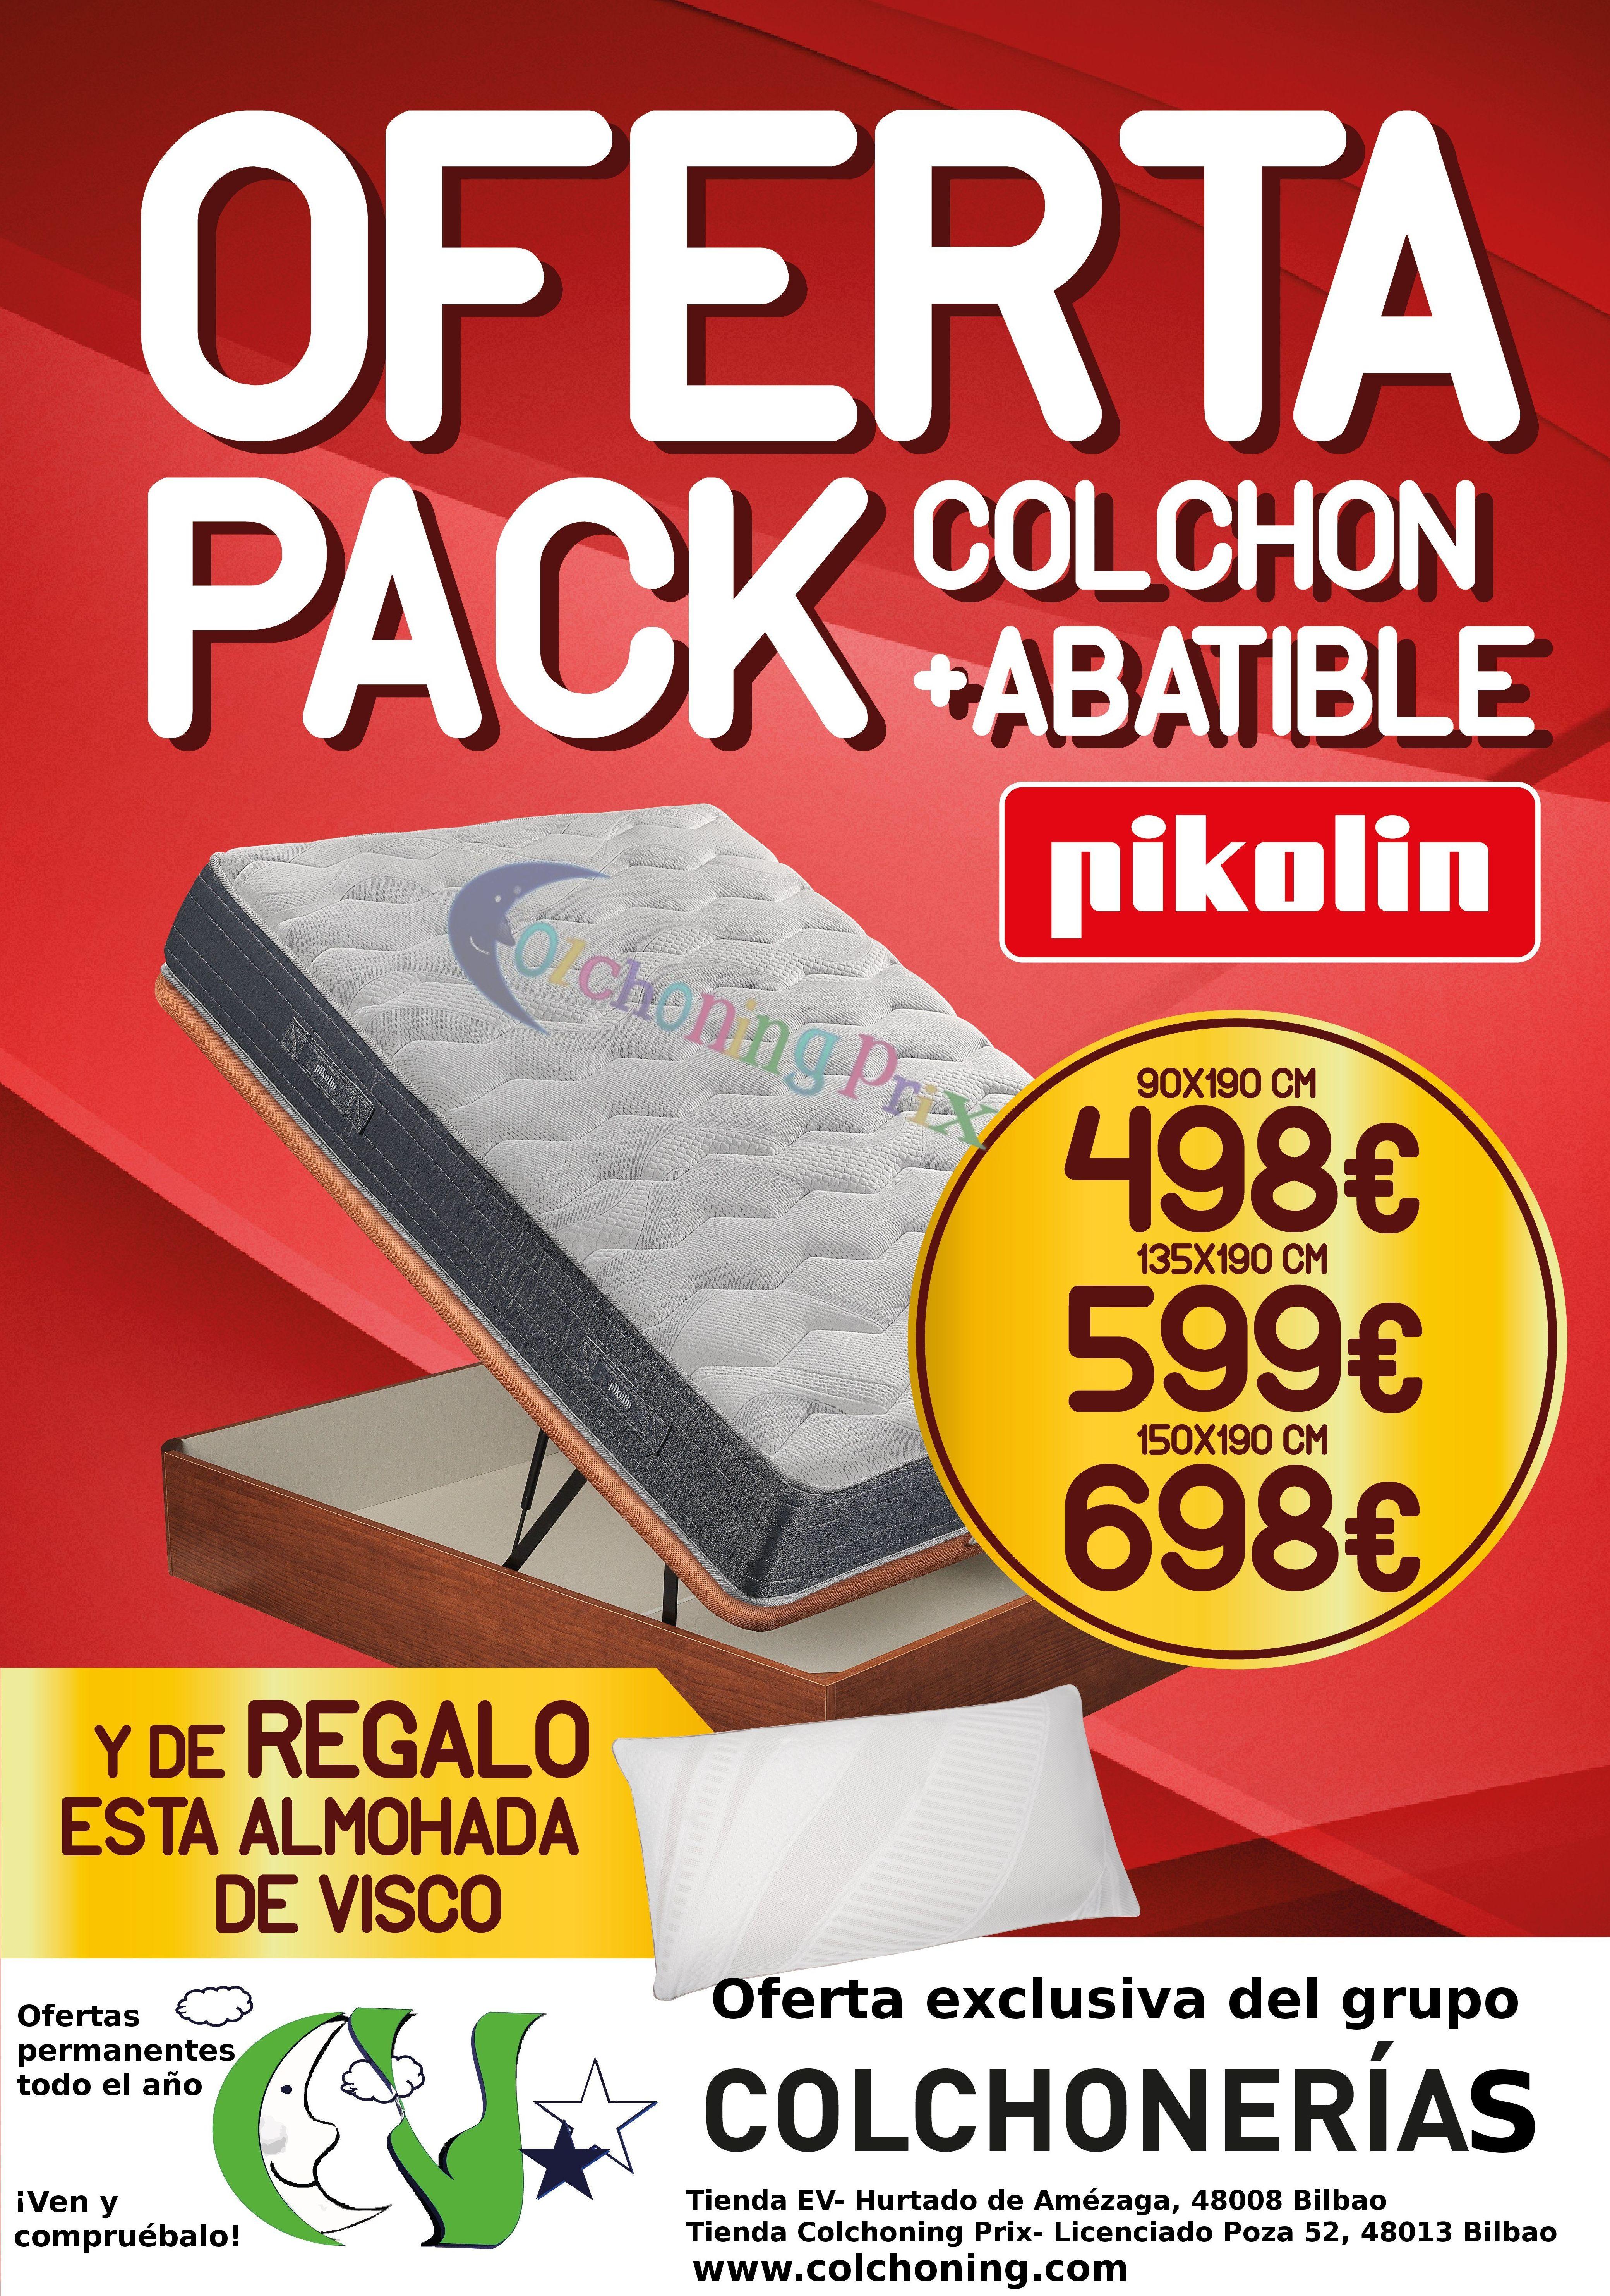 PACK OFERTA COLCHON Y CANAPE PIKOLIN 50% DTO Y REGALO ALMOHADA